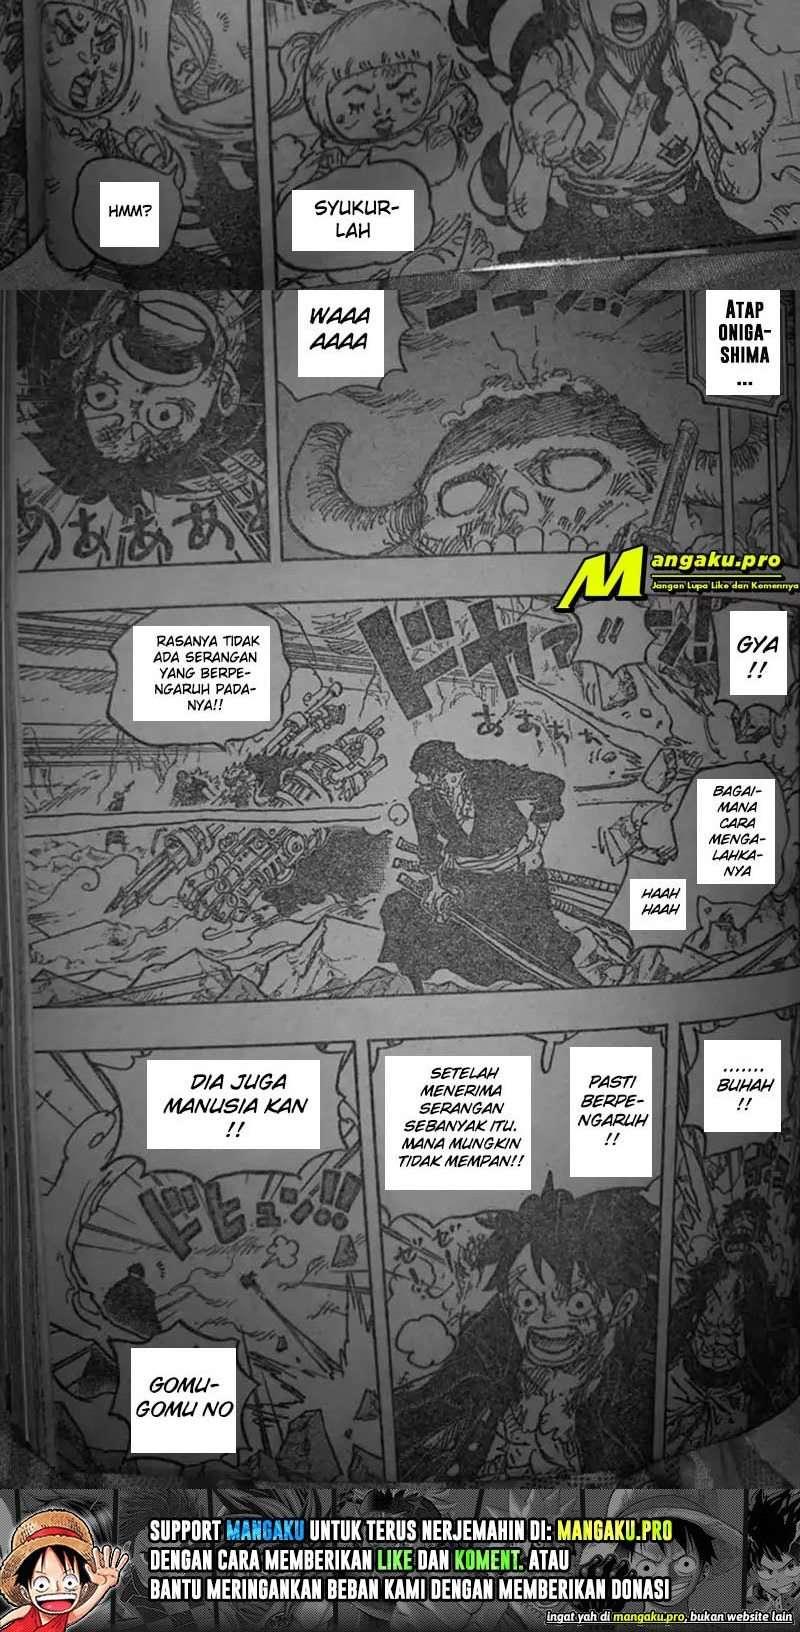 Mangaku One Piece 898 : mangaku, piece, Piece, Chapter, Bahasa, Indonesia, Komik, Station